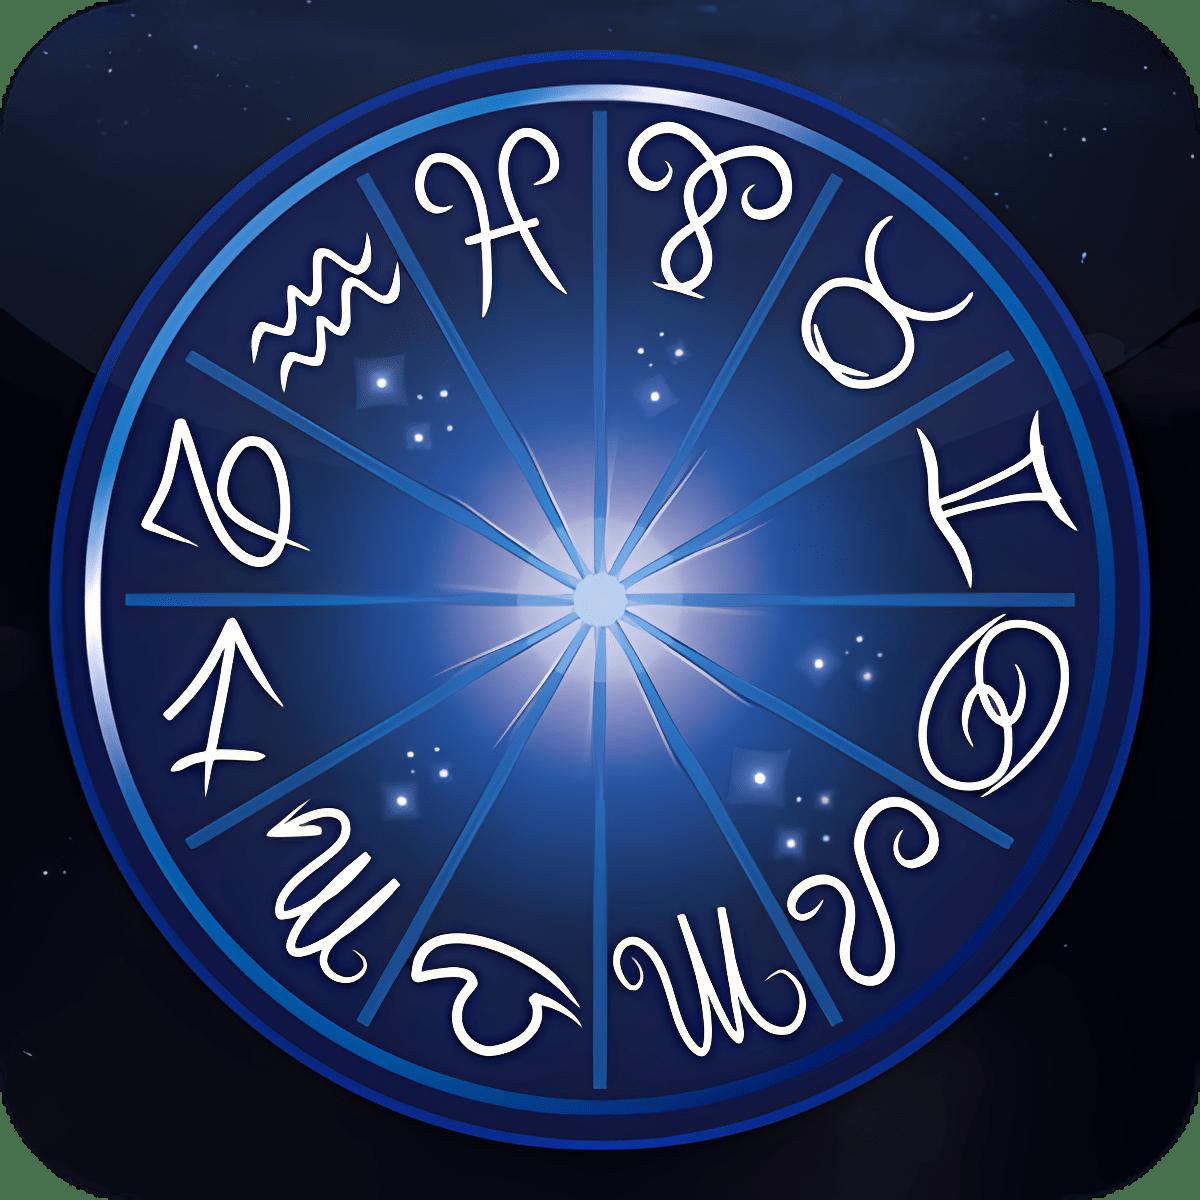 Daily Horoscope 1.0.0